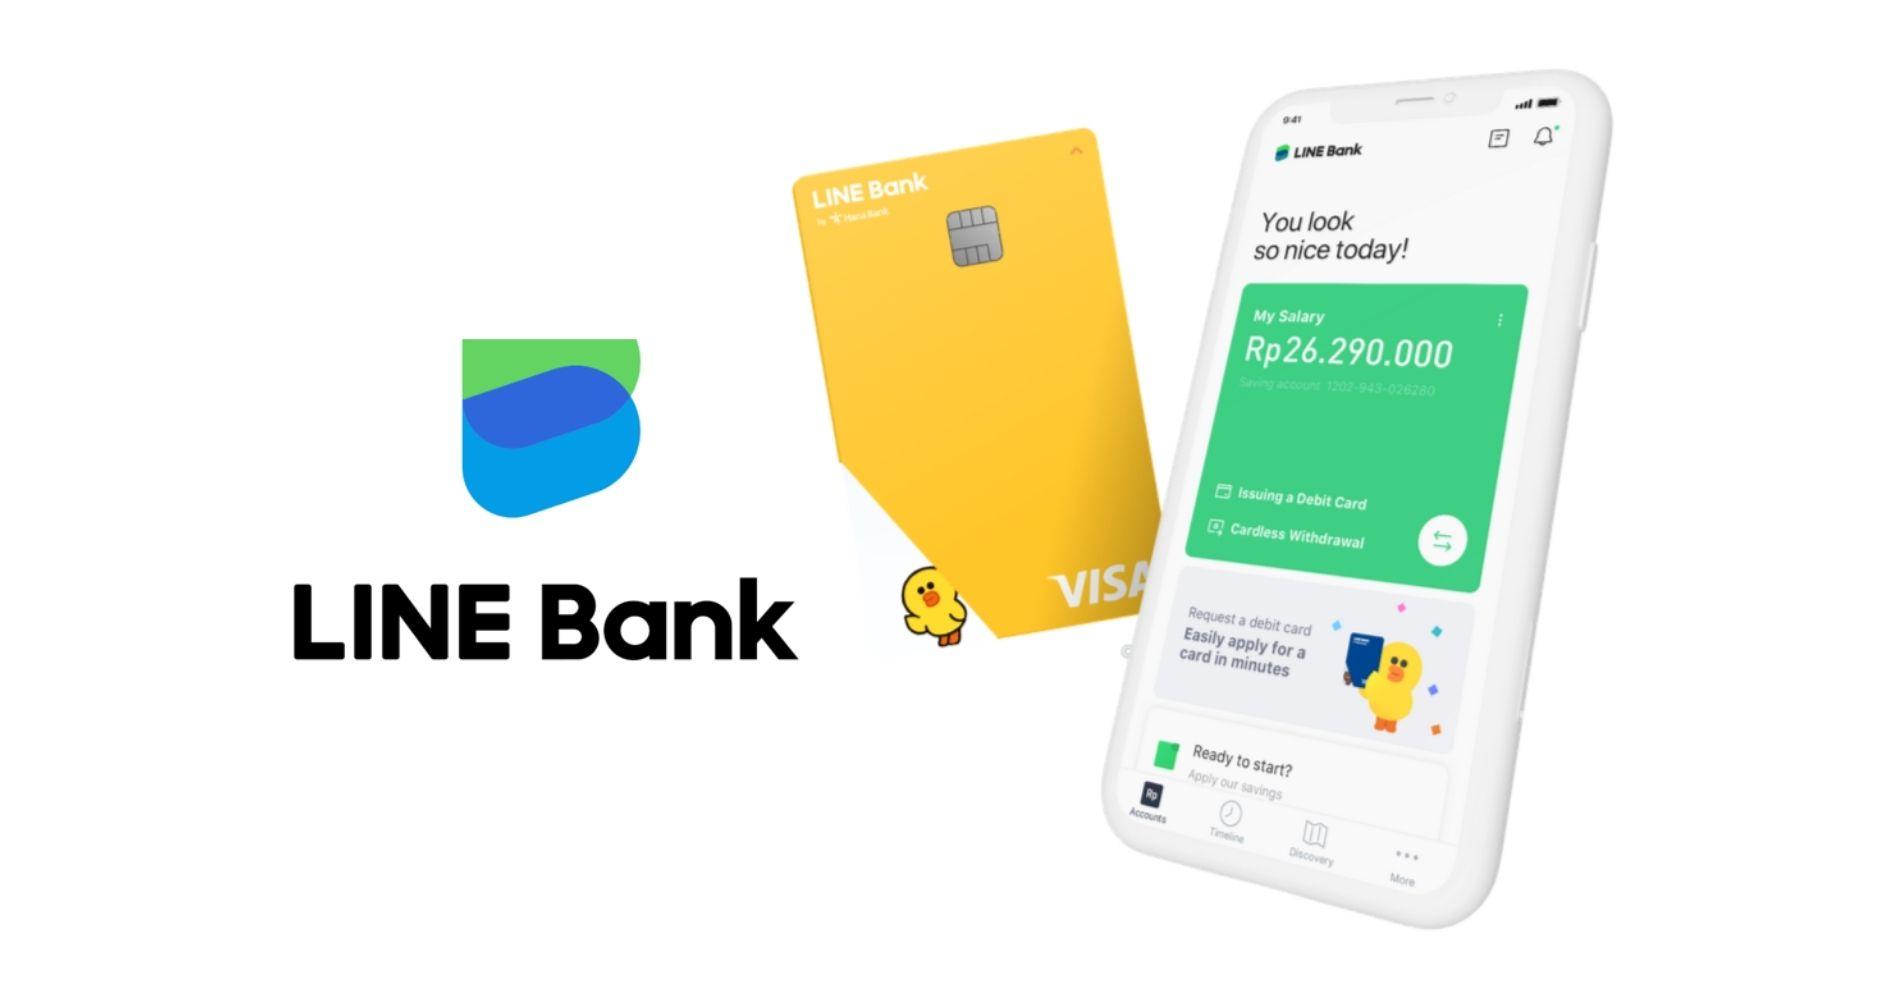 LINE Bank Illustration Web Bisnis Muda - Google Images